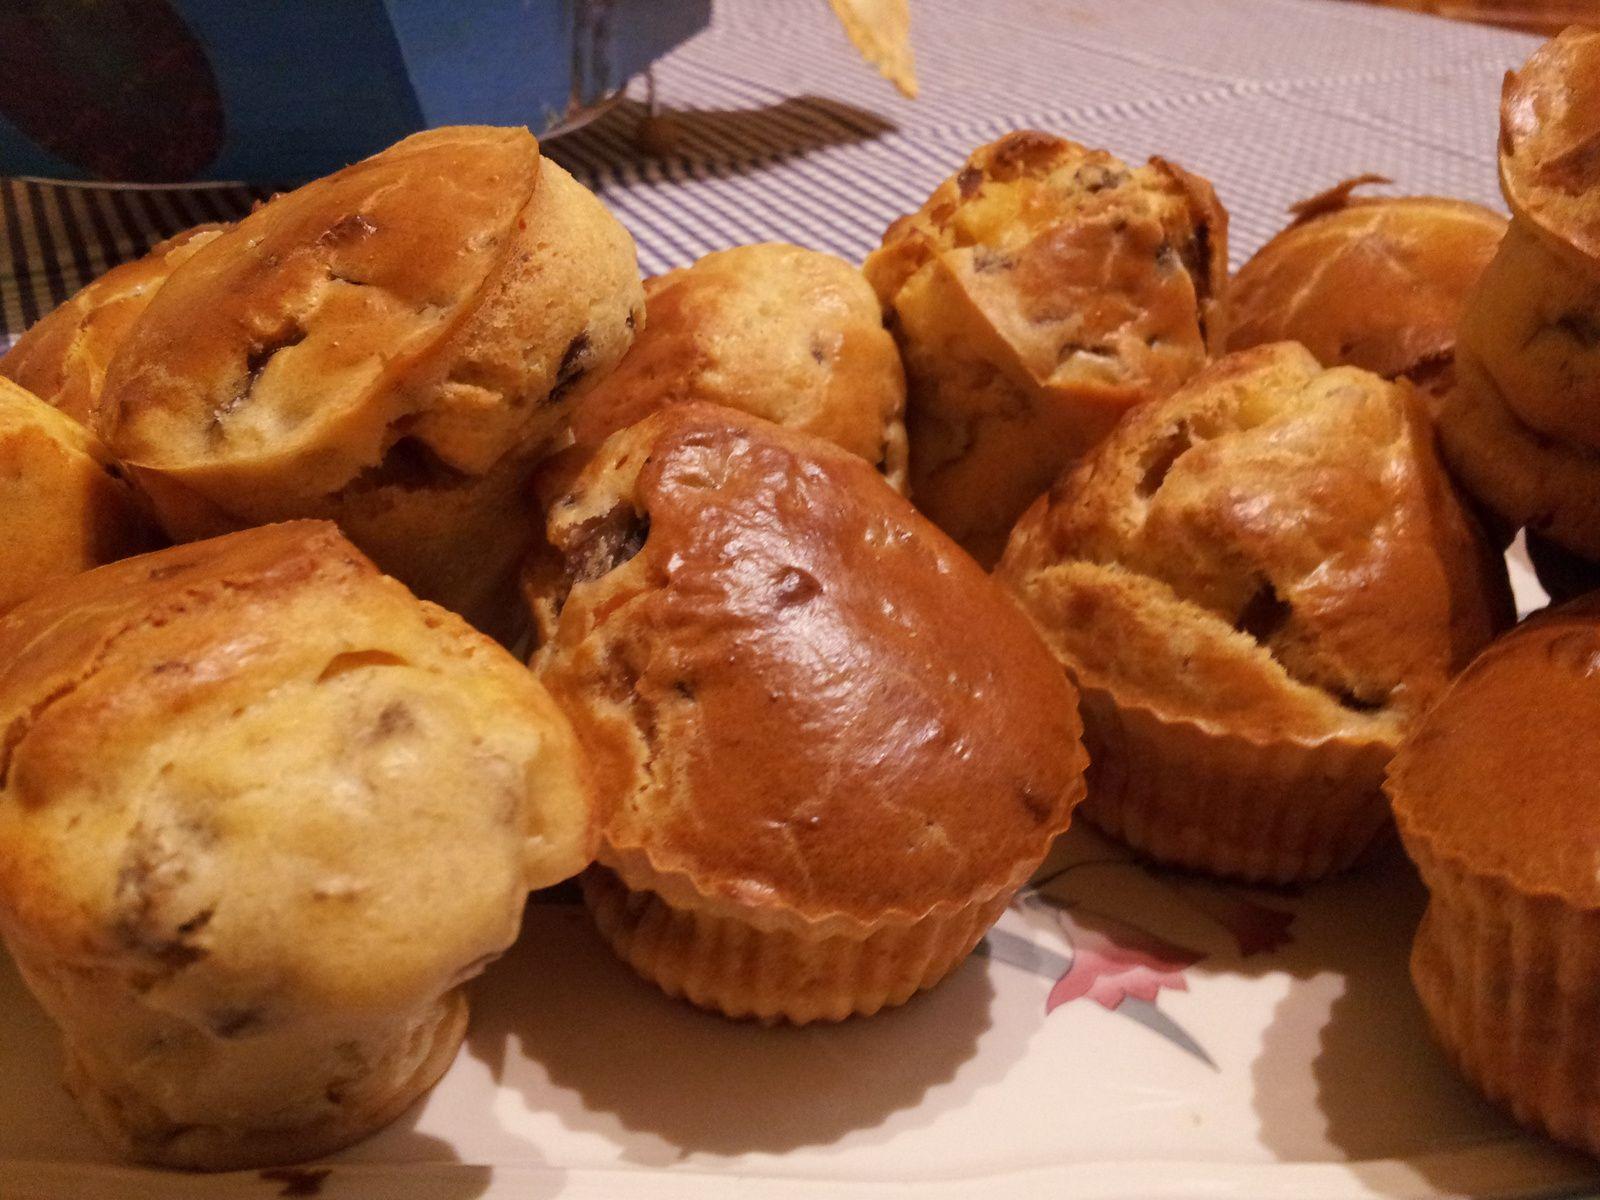 Muffins à l'emmental et aux champignons